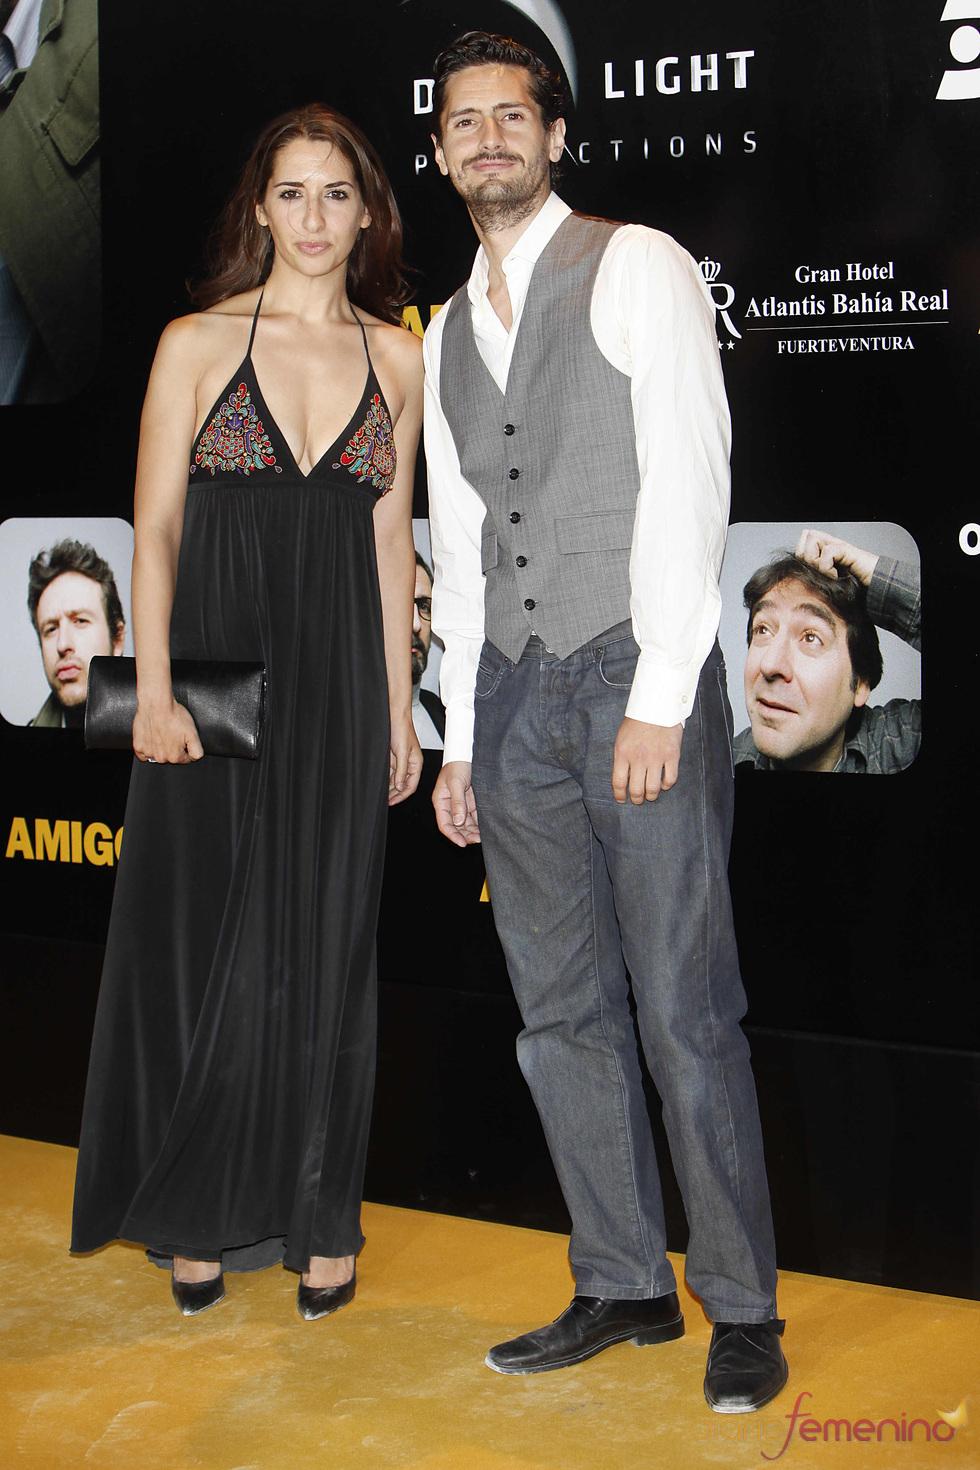 Juan Diego Botto en el estreno de la película 'Amigos'